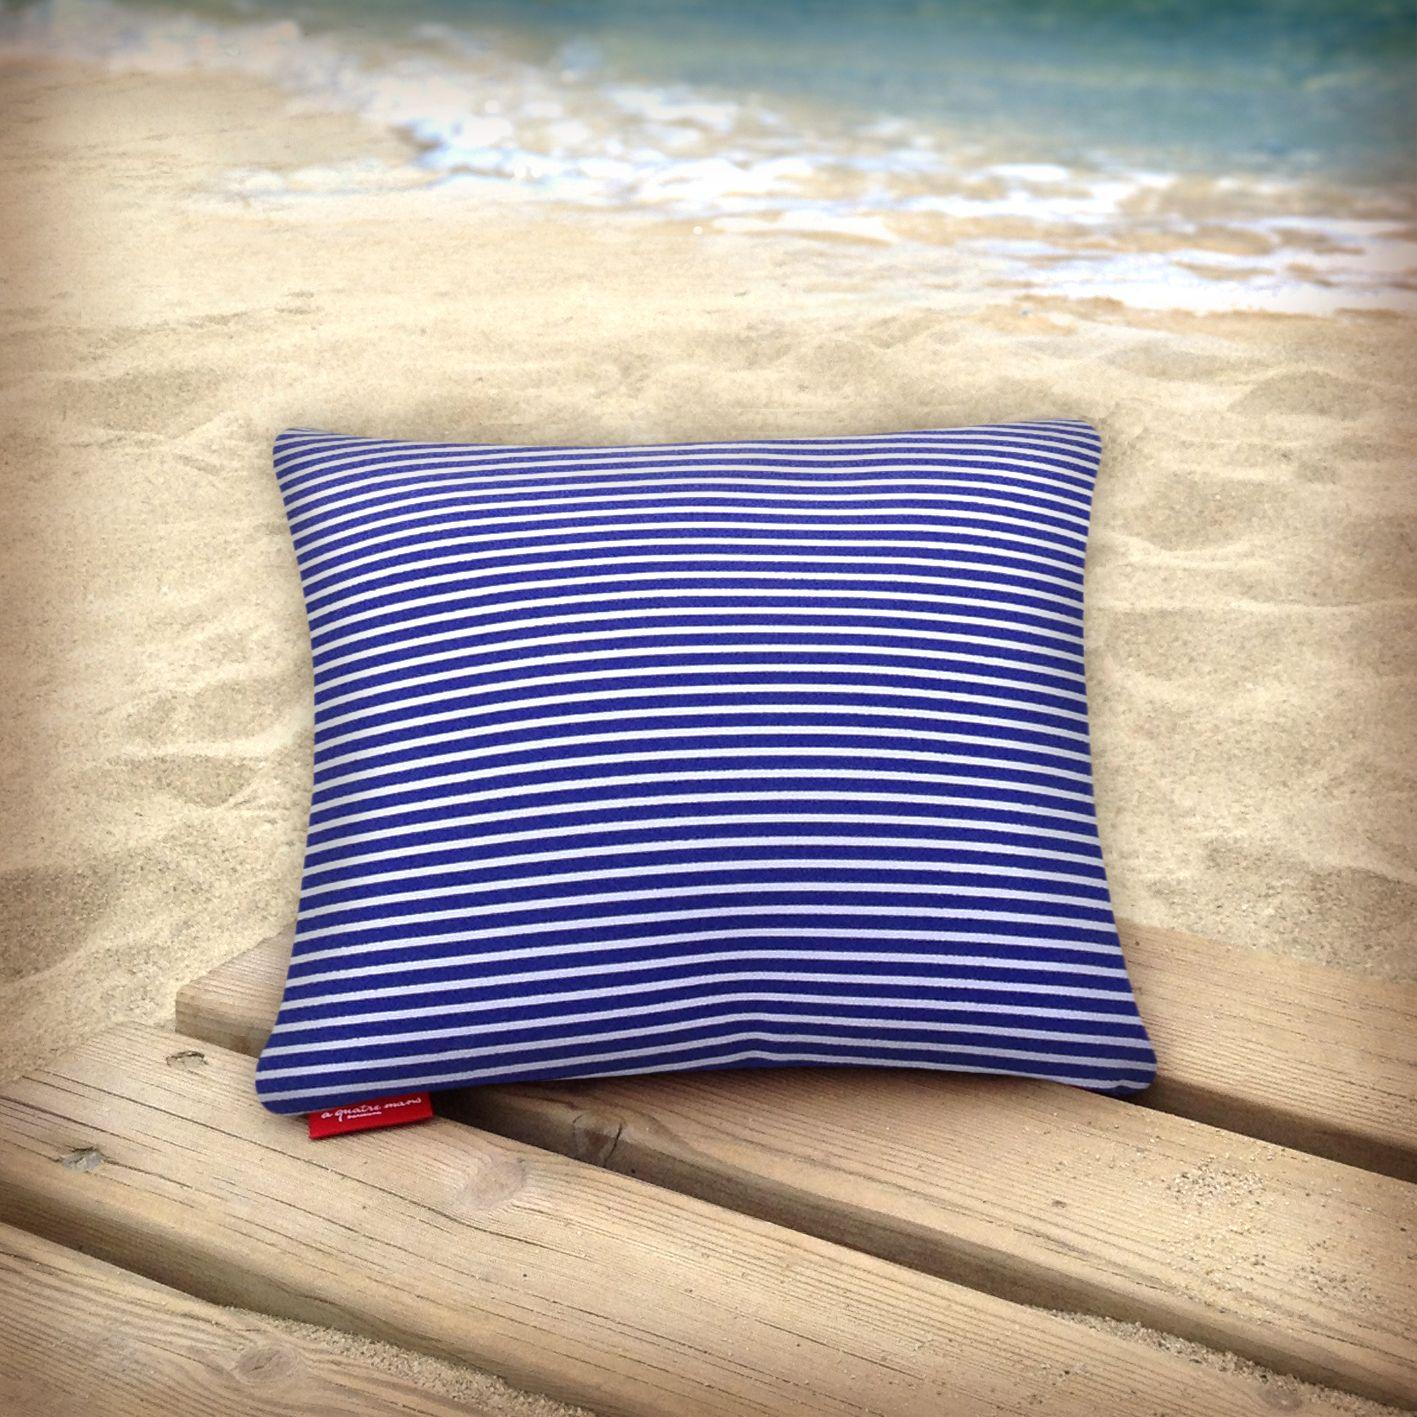 Cojín de lycra, con el interior de perlas de porexpan, ideal para la playa o la piscina. (Modelo Marinero)